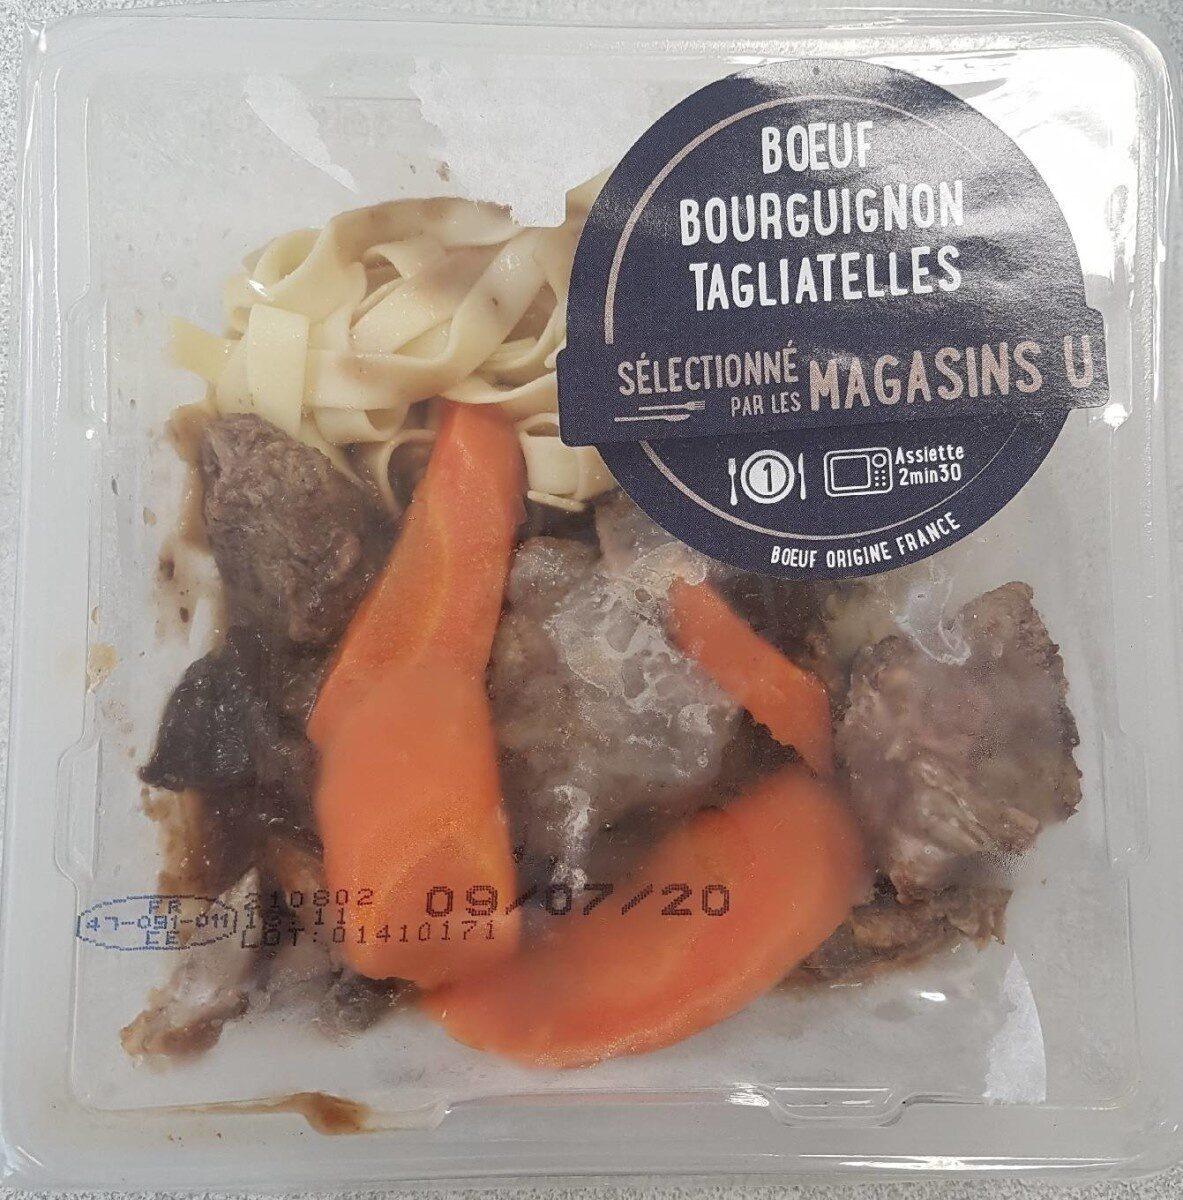 Boeuf Bourguignon Tagliatelles - Product - fr